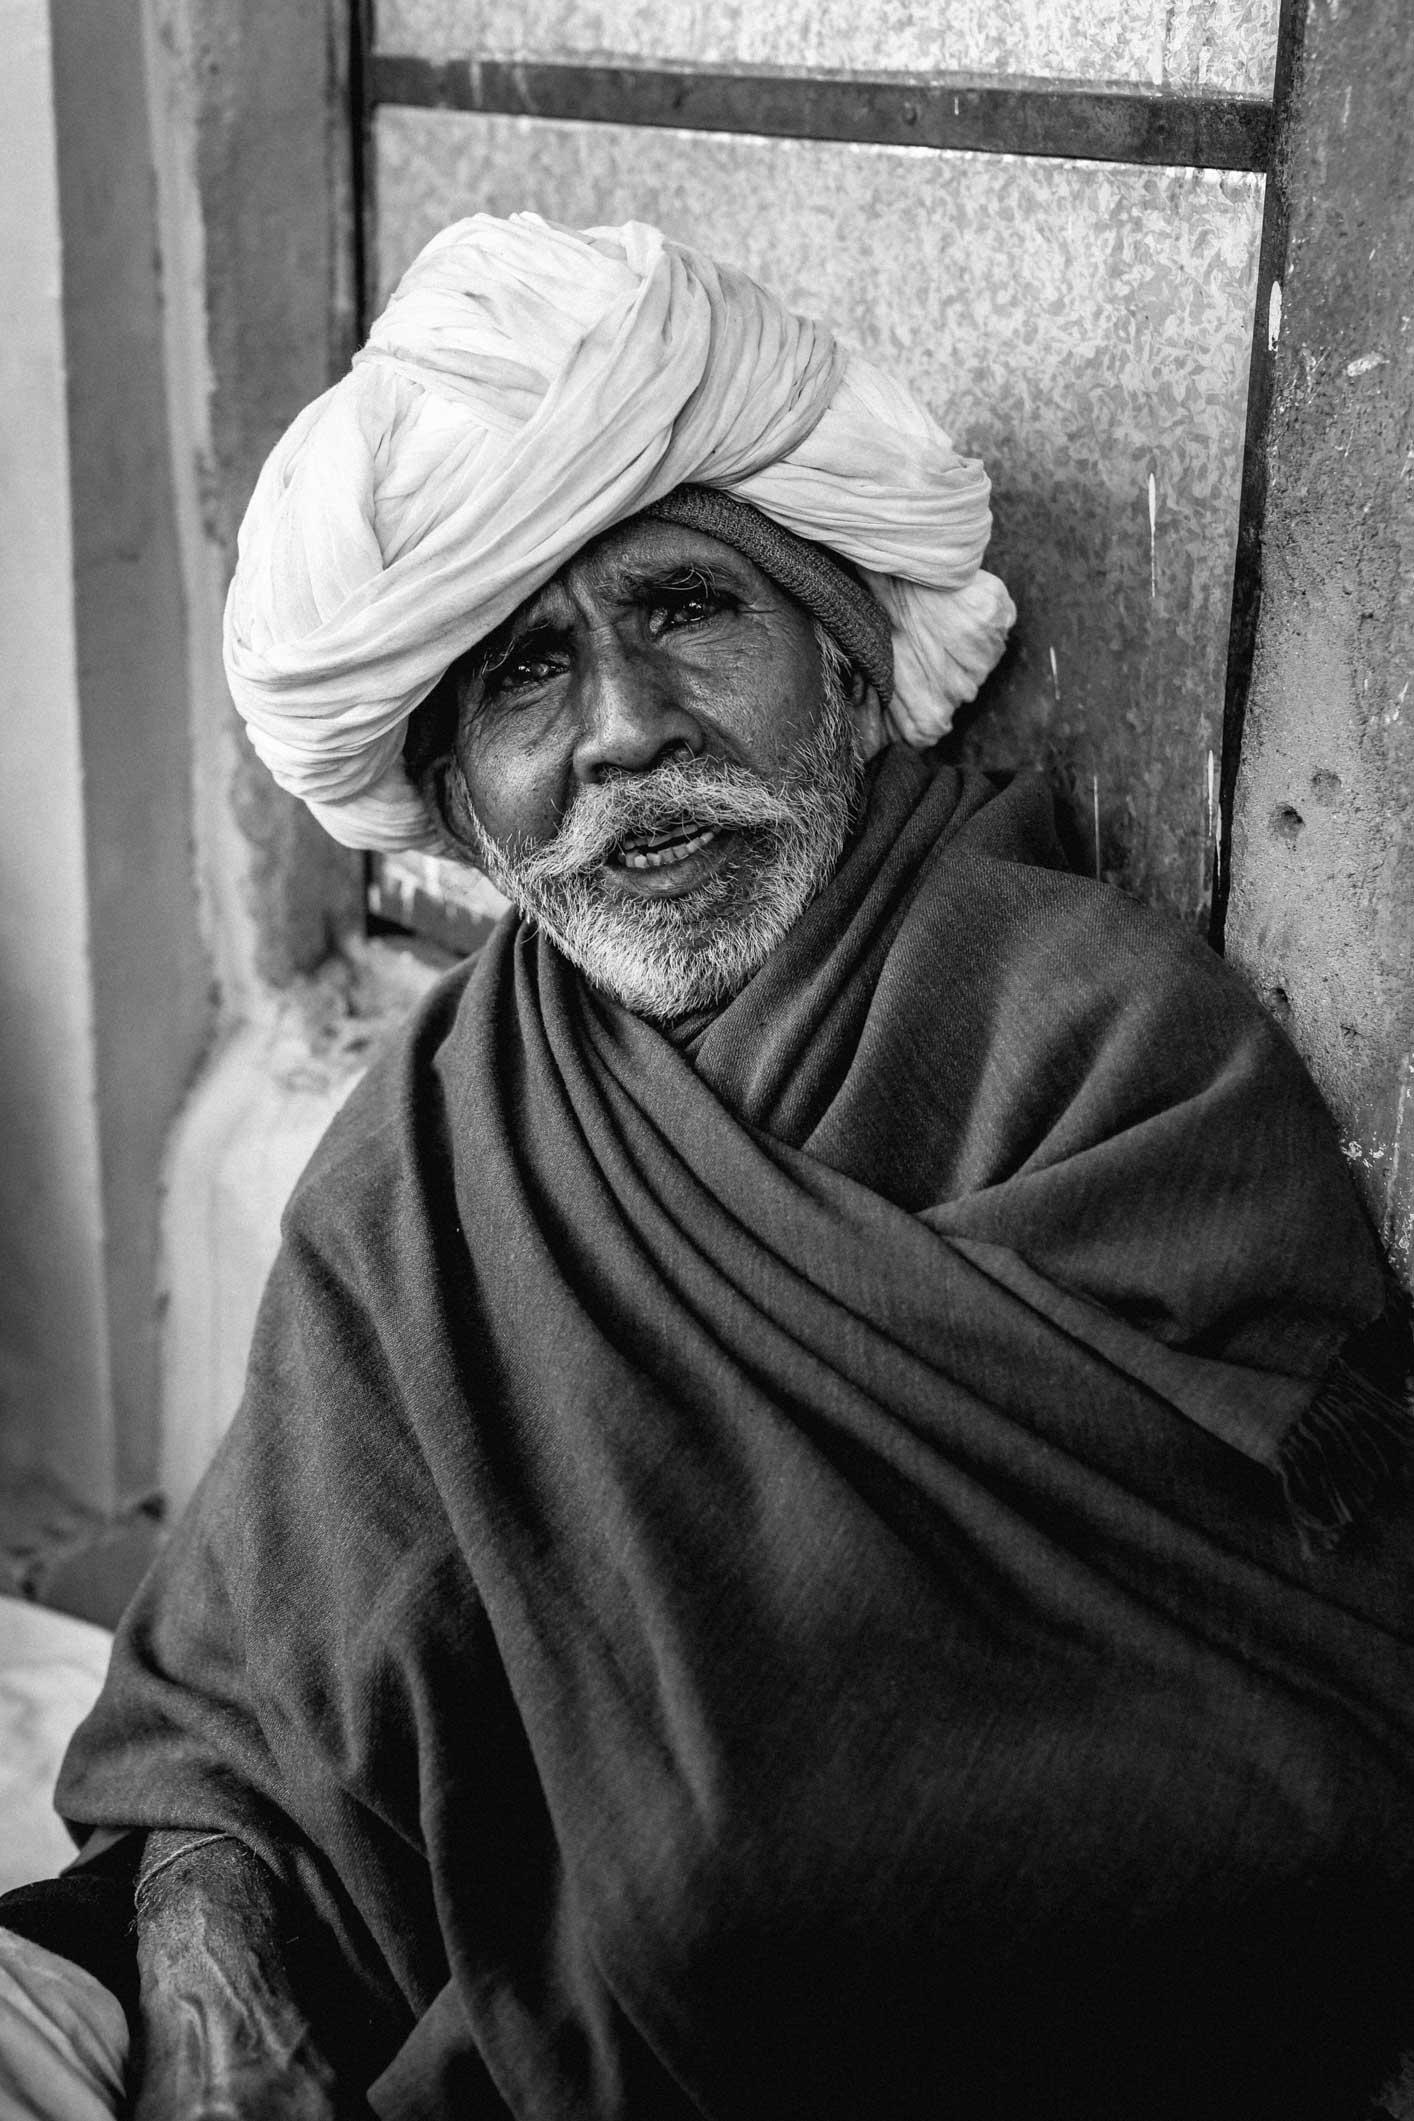 India_travel_2018_Ilsoo_van_Dijk_-7307